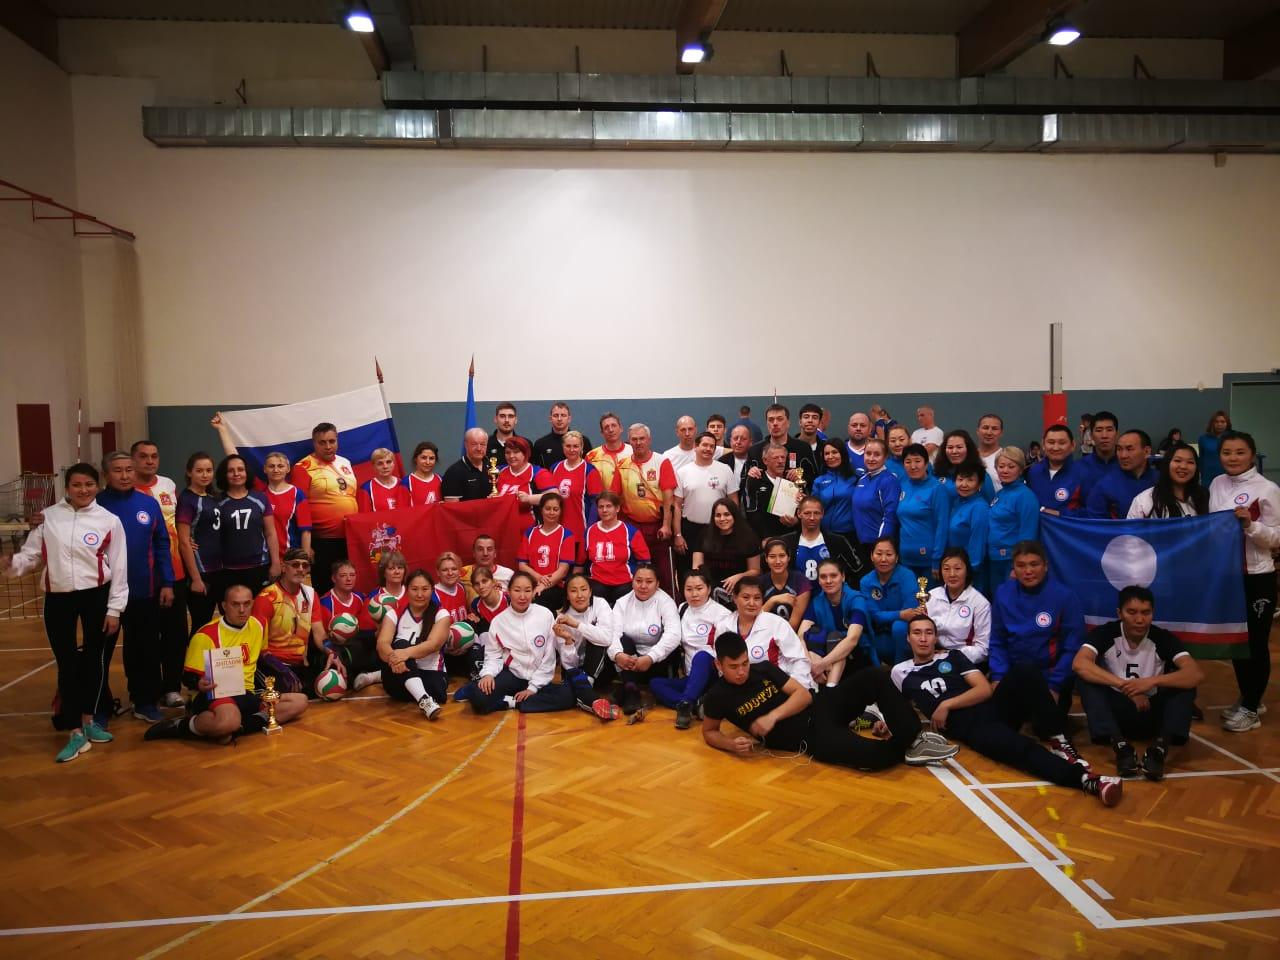 Мужская сборная Свердловской области и женская сборная Москвы вновь завоевали титулы чемпионов России по волейболу сидя